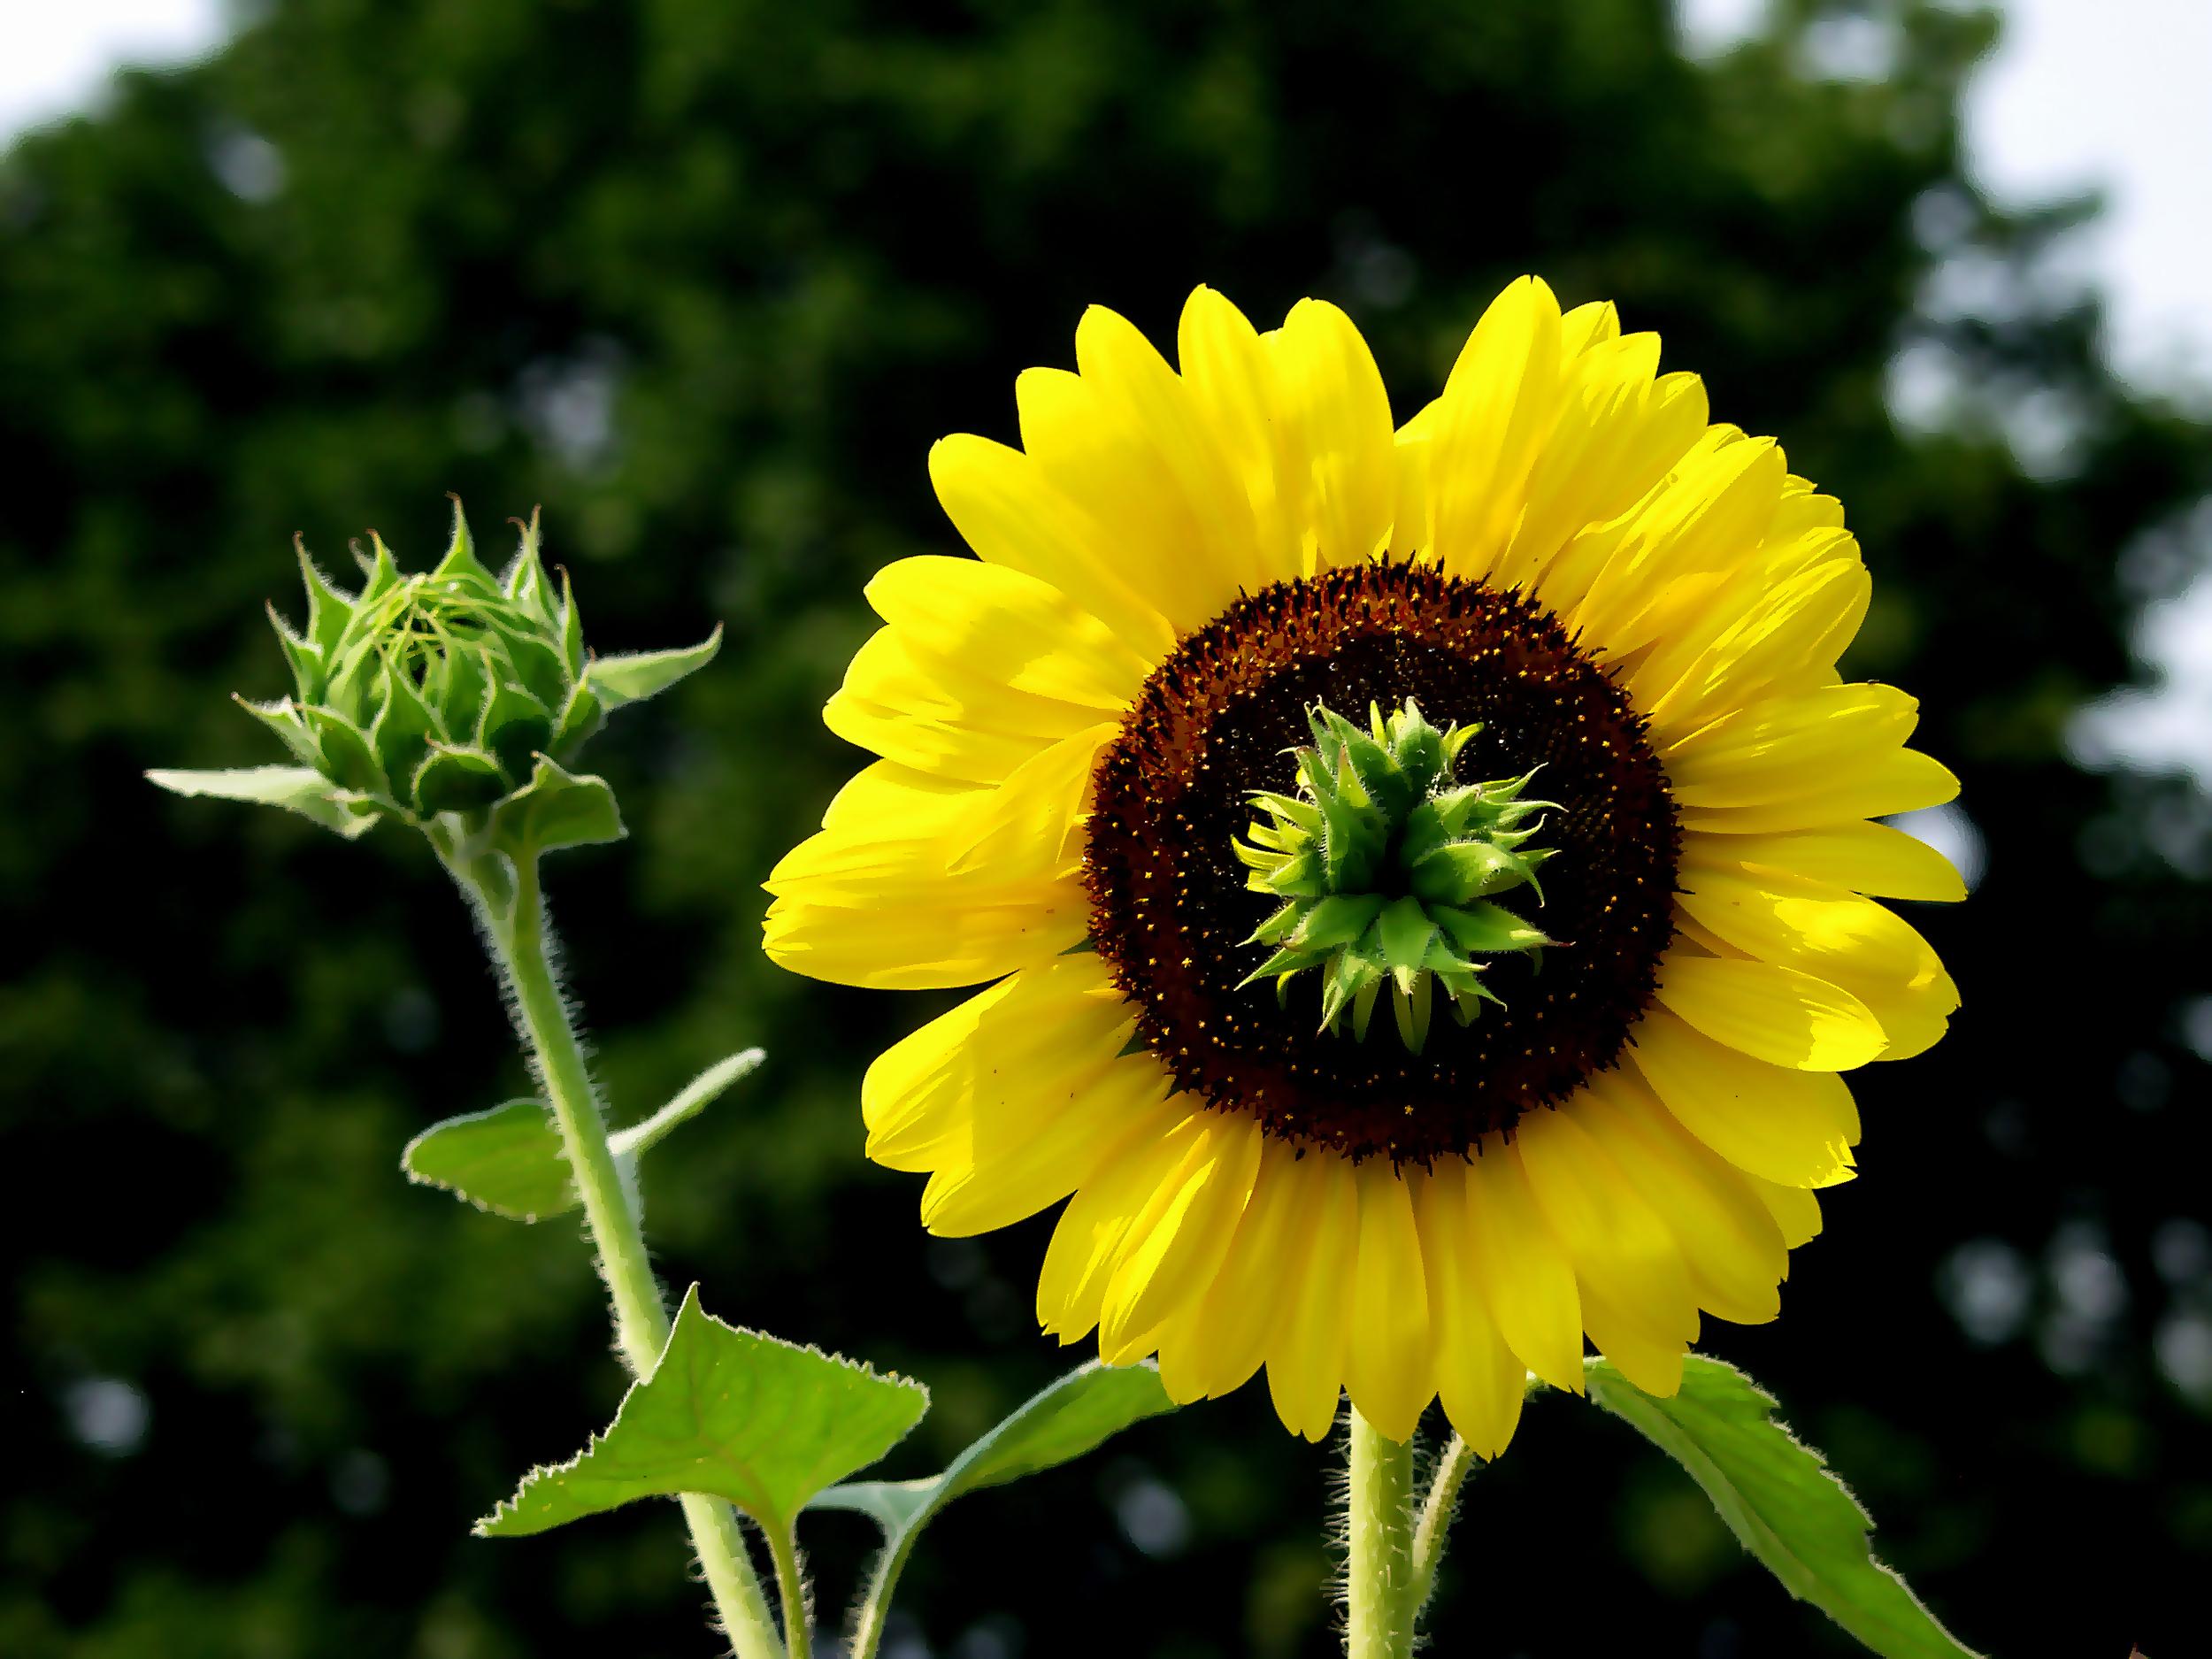 sunflower-04-1.jpg